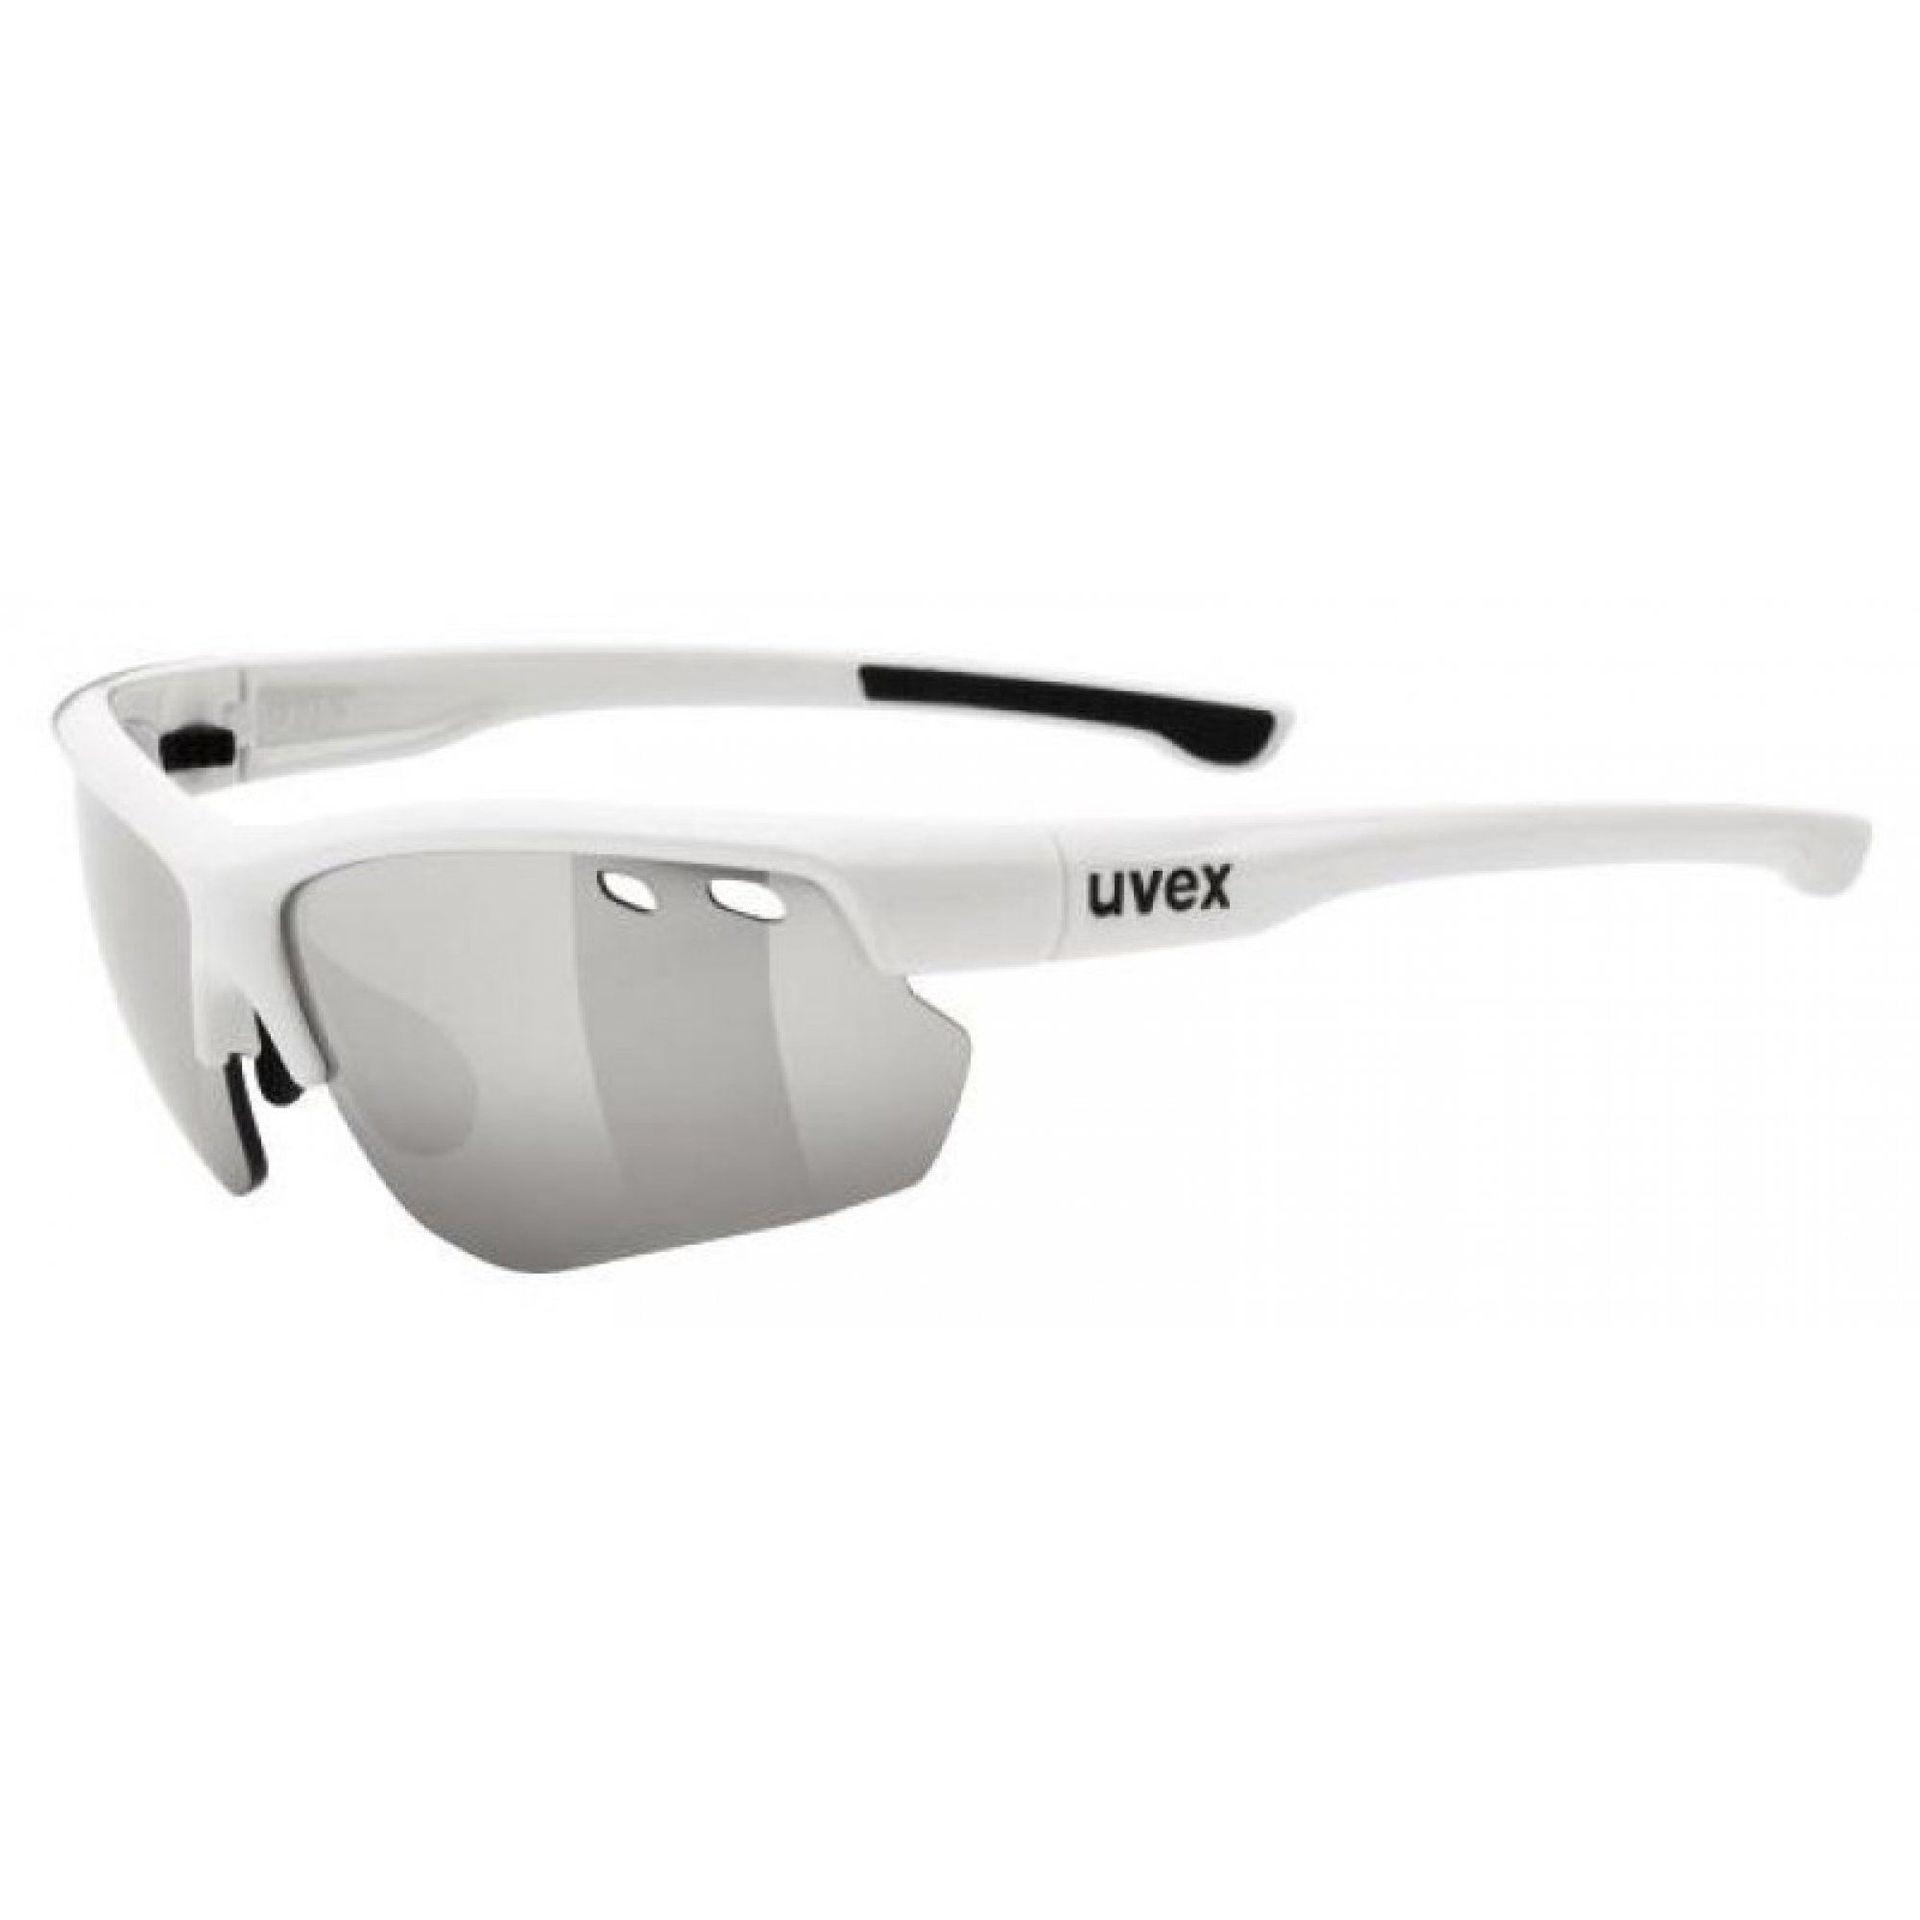 OKULARY UVEX SPORTSTYLE 115 WHITE